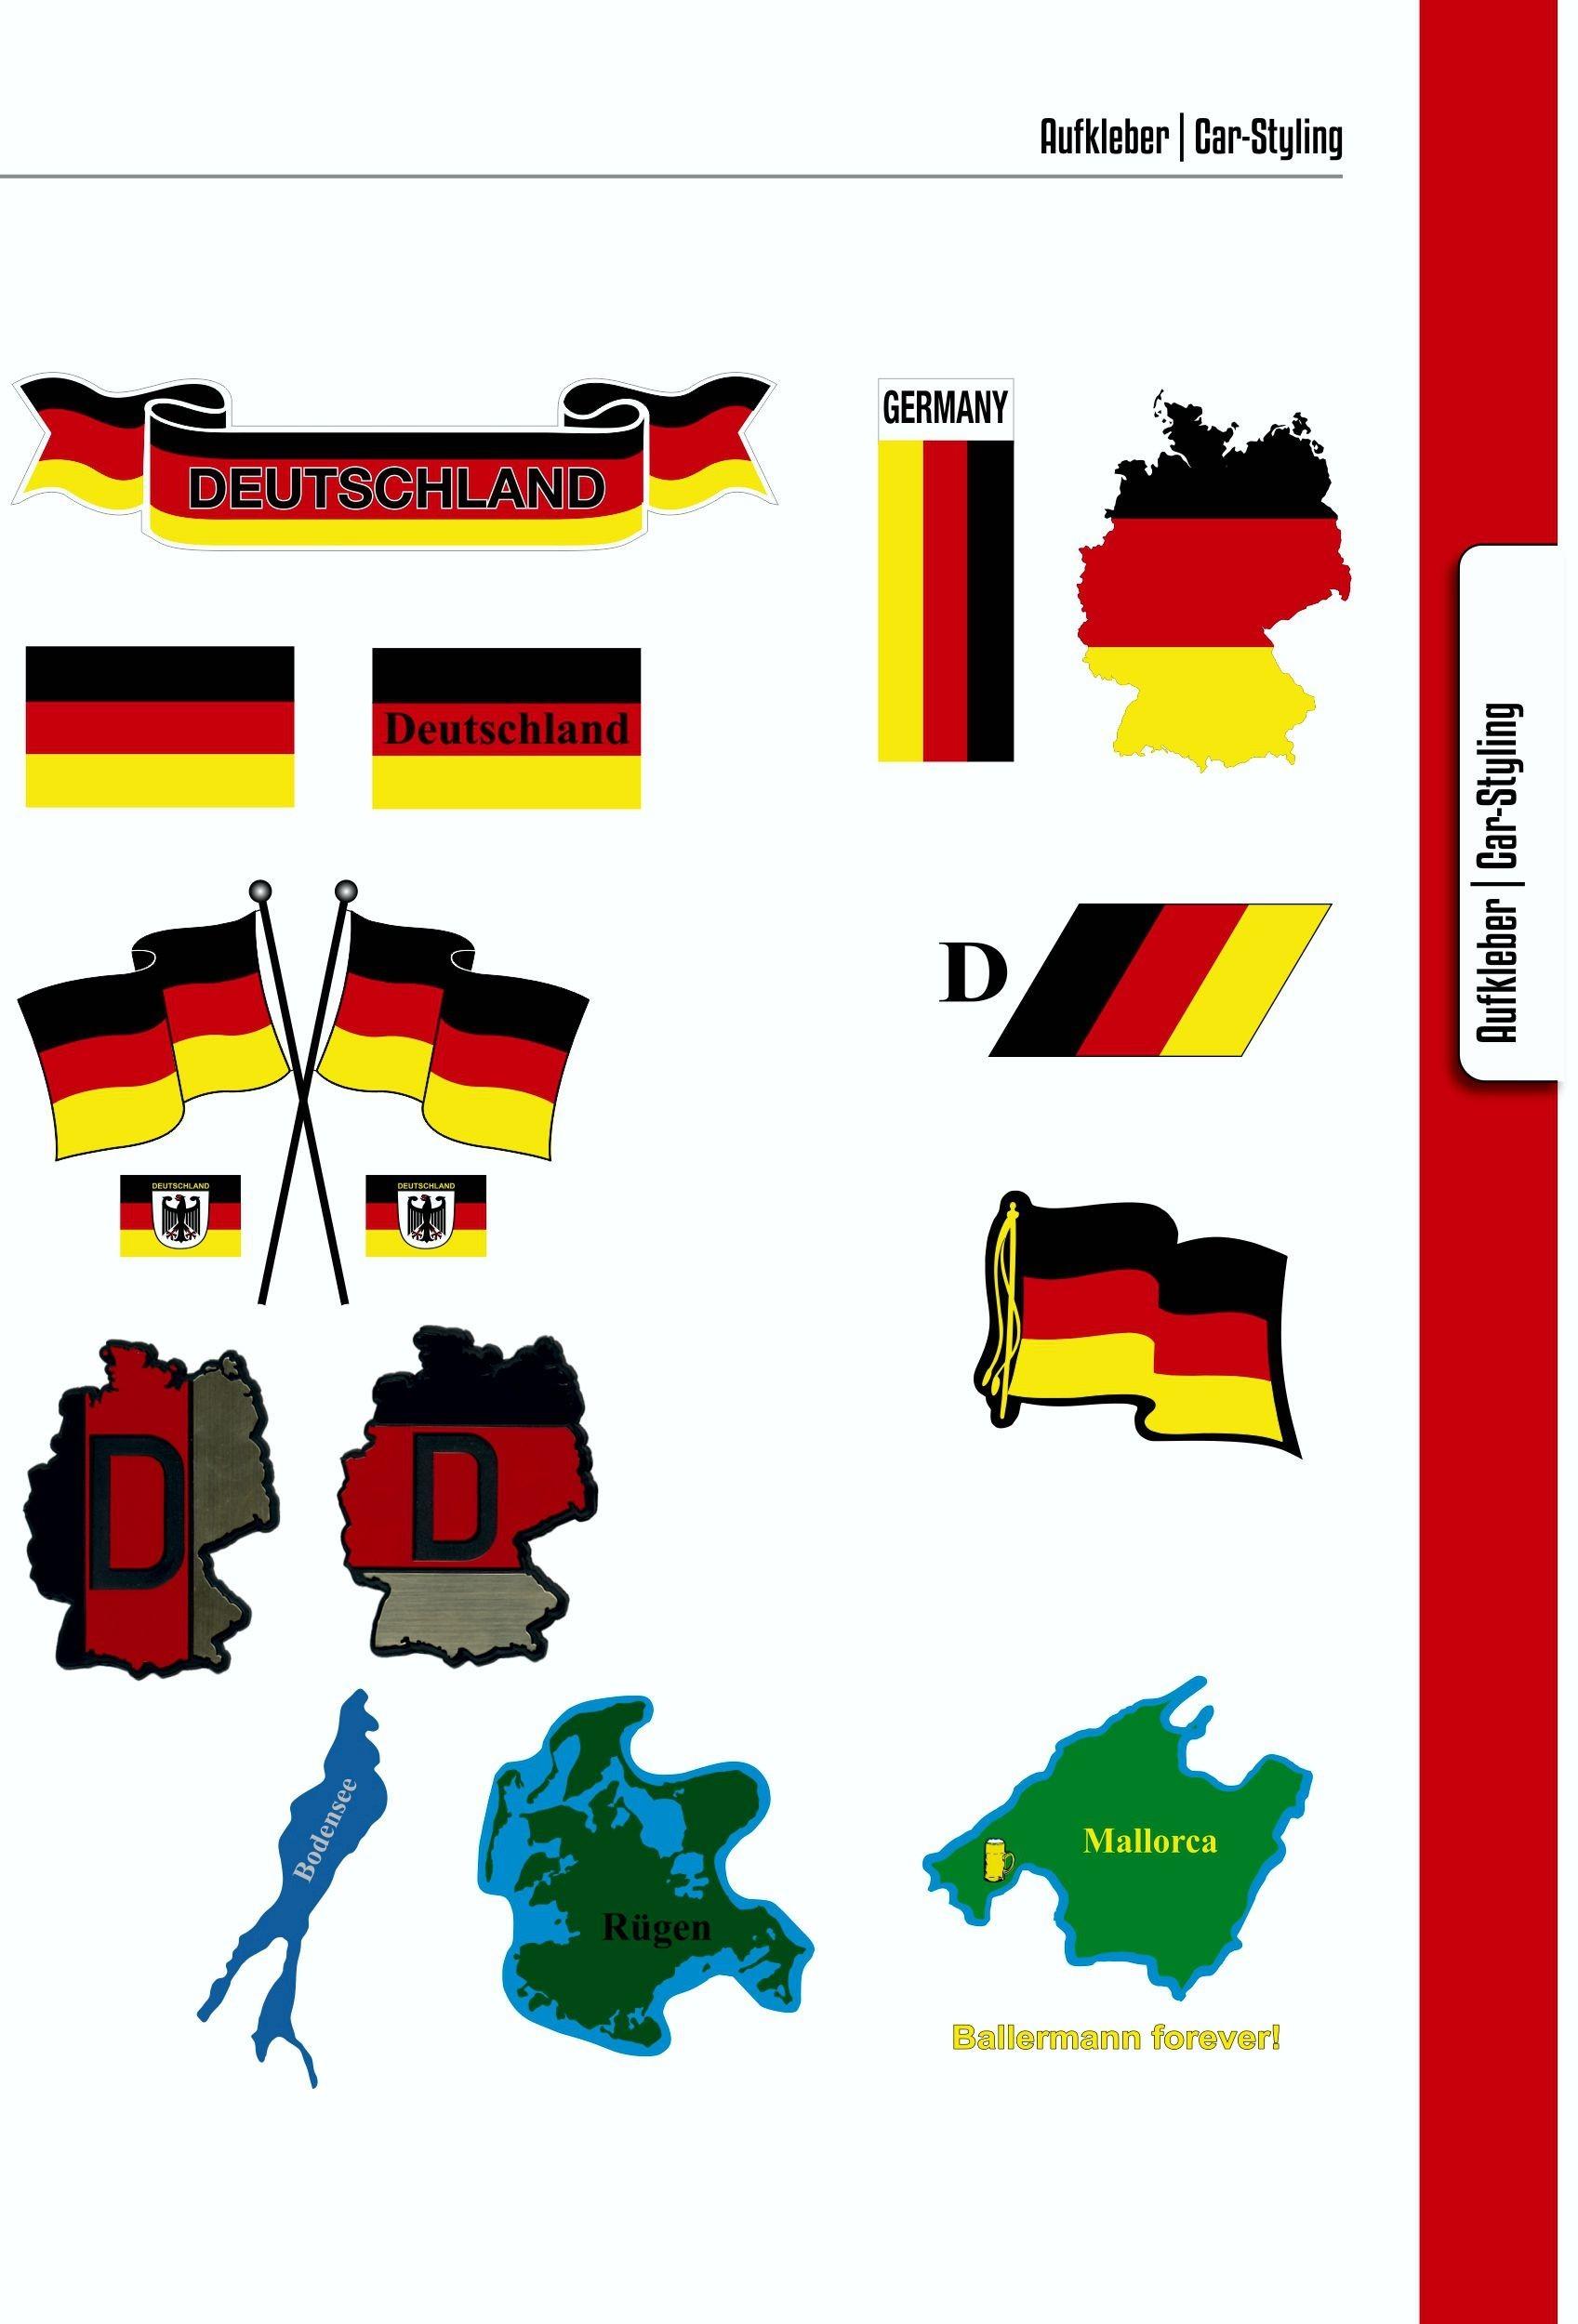 Aufkleber Deutsche Wertarbeit 60 x 50 mm Hochwertige PVC-Folie – Bild 3